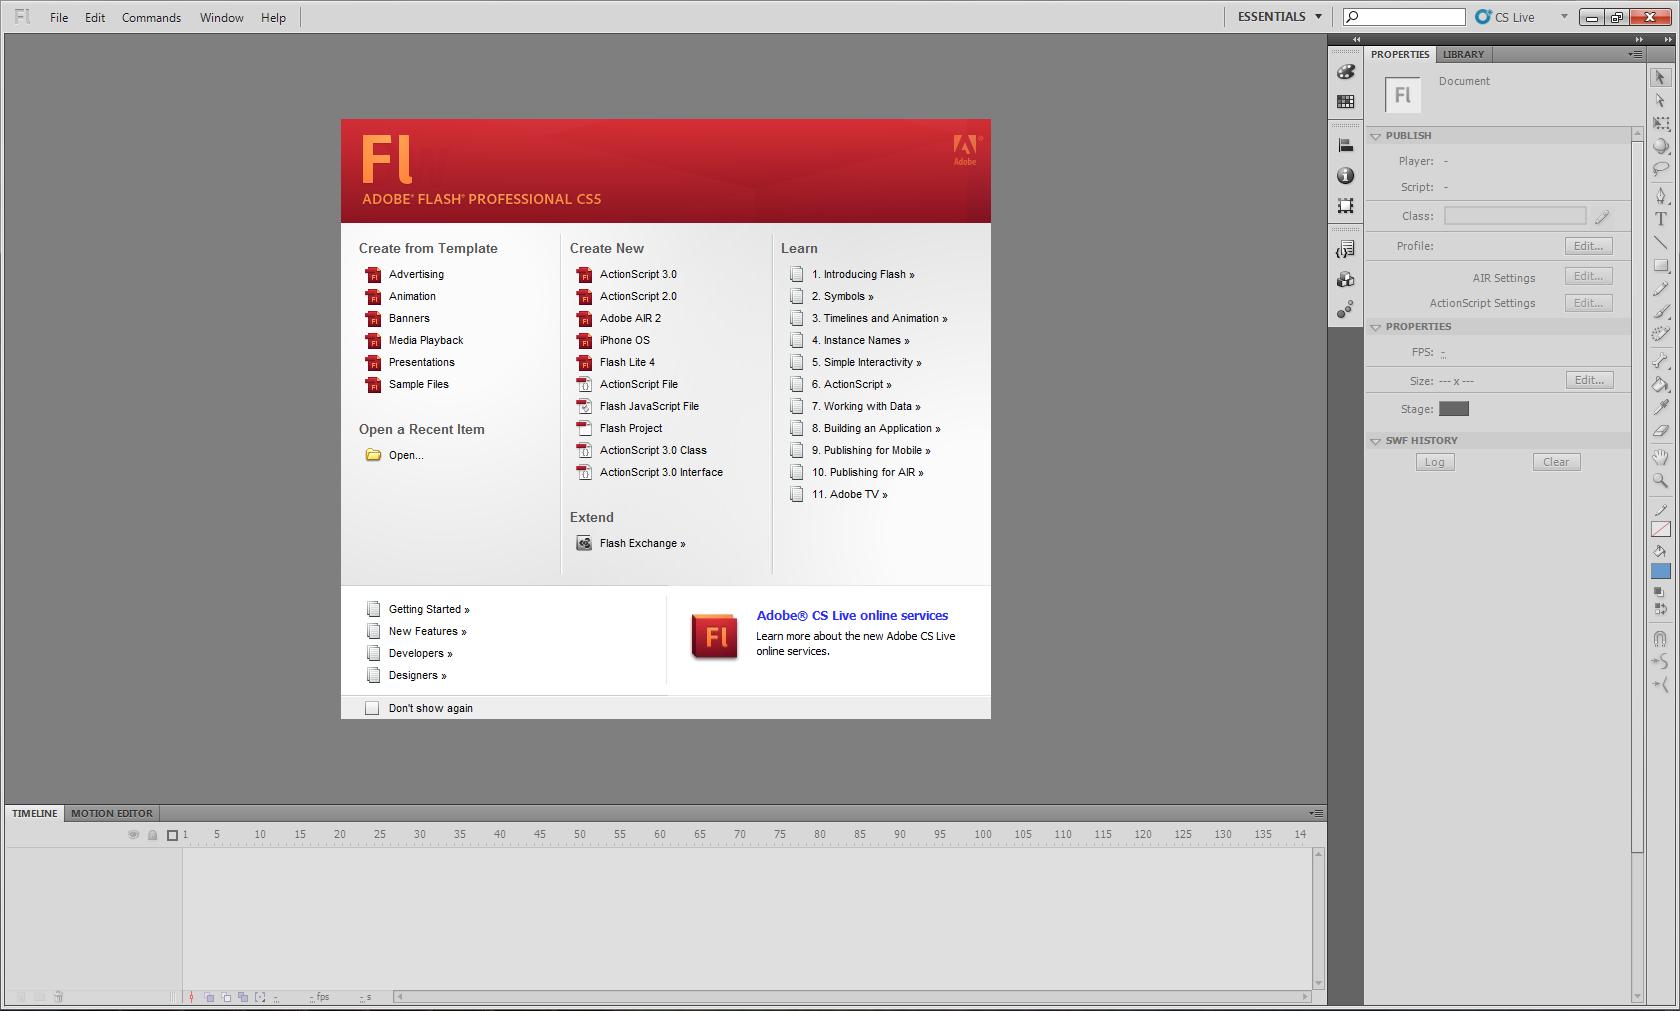 PT-BR] [FINAL] Baixar Torrent  Grátis e Completo  Free Download Br